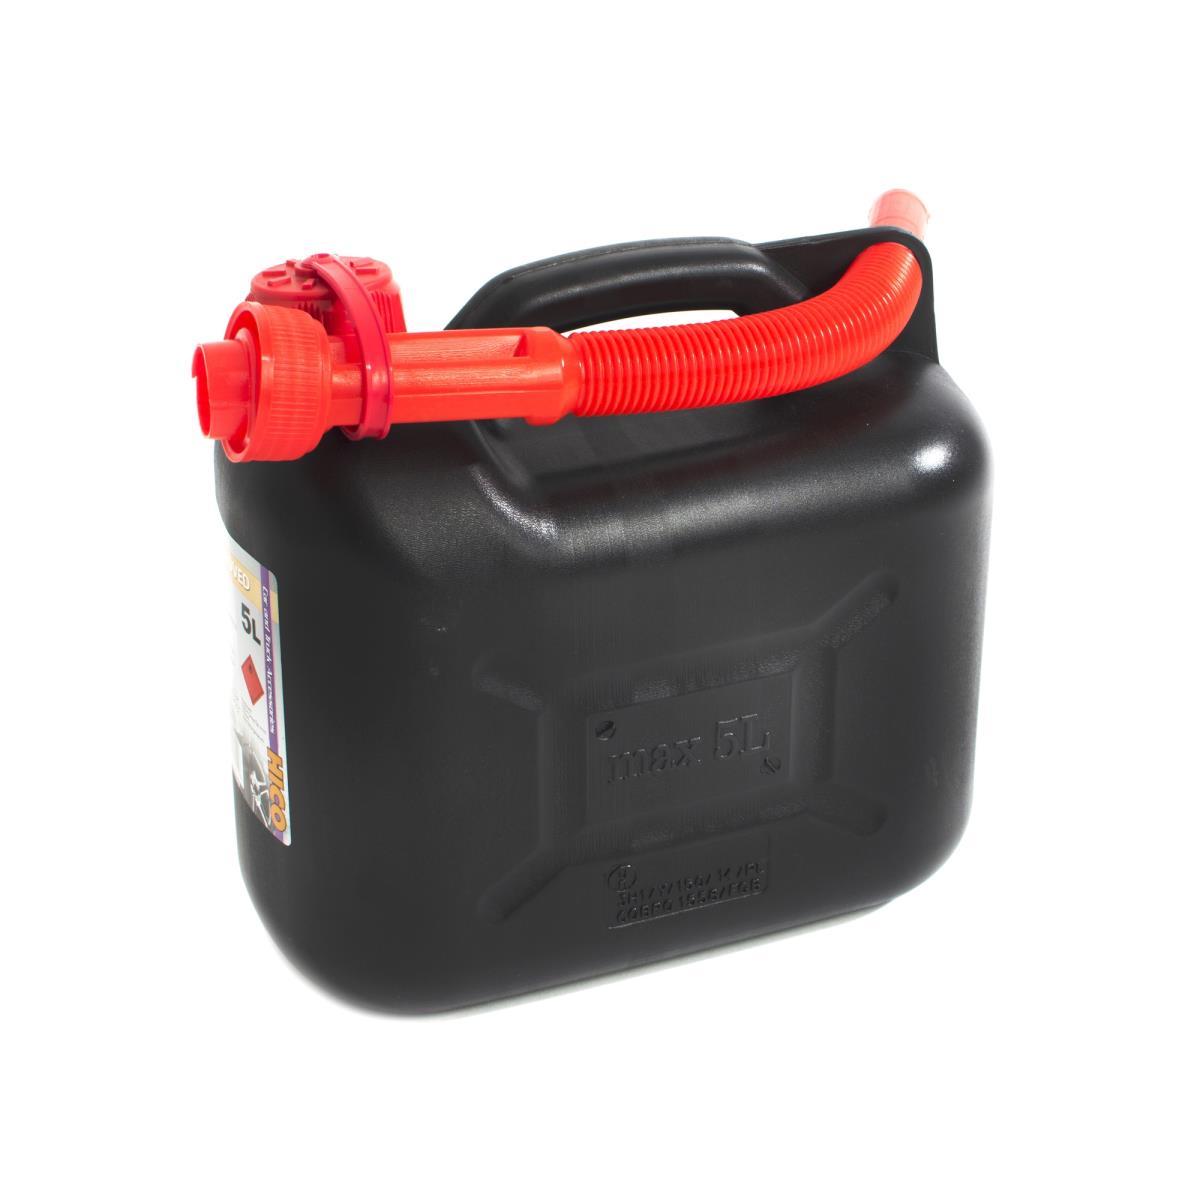 Reservekanister Kanister Benzinkanister Ölkanister Kraftstoffkanister  Ausgießer,HIC,000051136221, 5907702302096